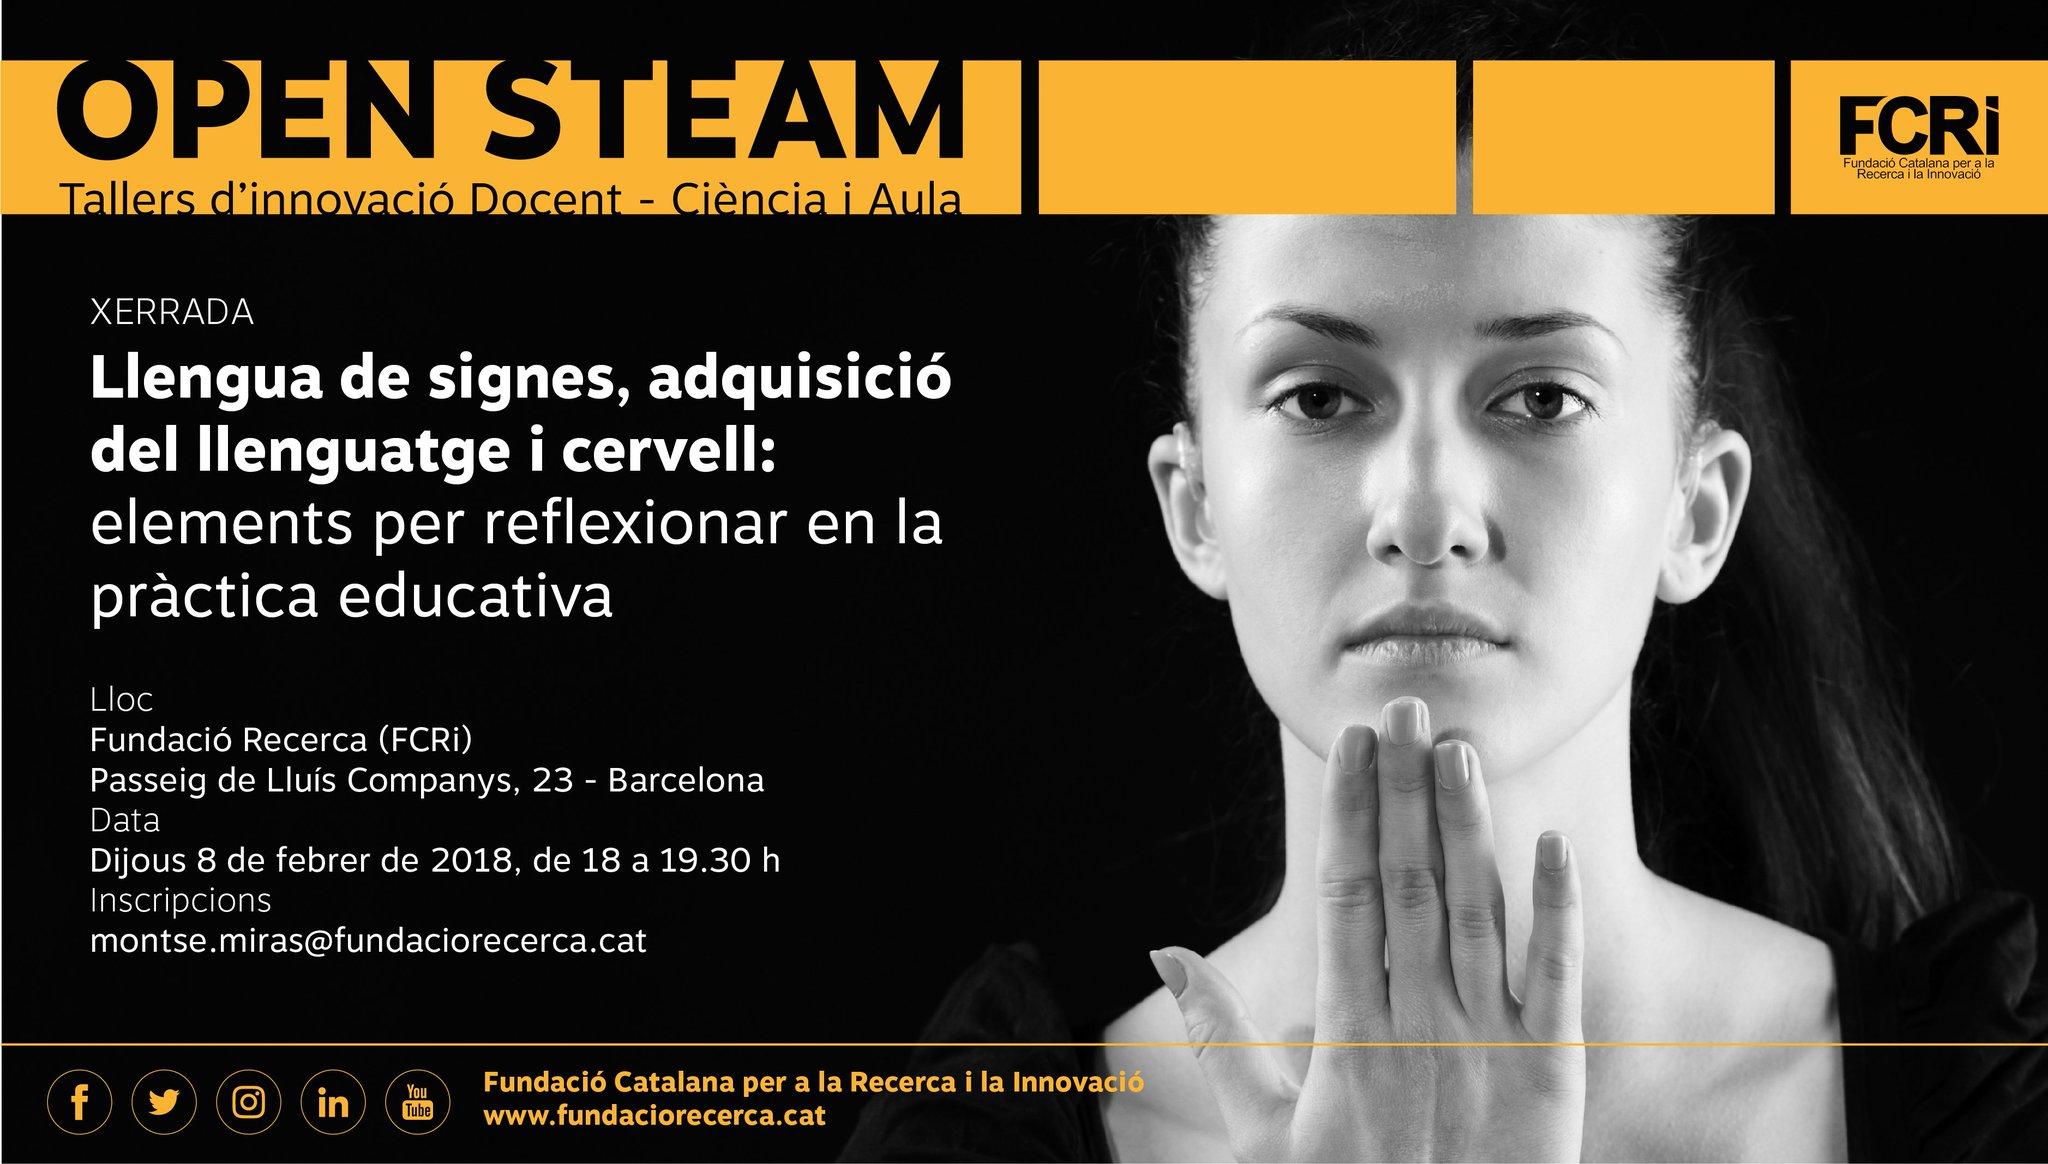 Llengua de signes, adquisició del llenguatge i cervell: elements per reflexionar en la pràctica educativa - Barcelona 8 feb.'18 DUzImv1W4AAwMQj